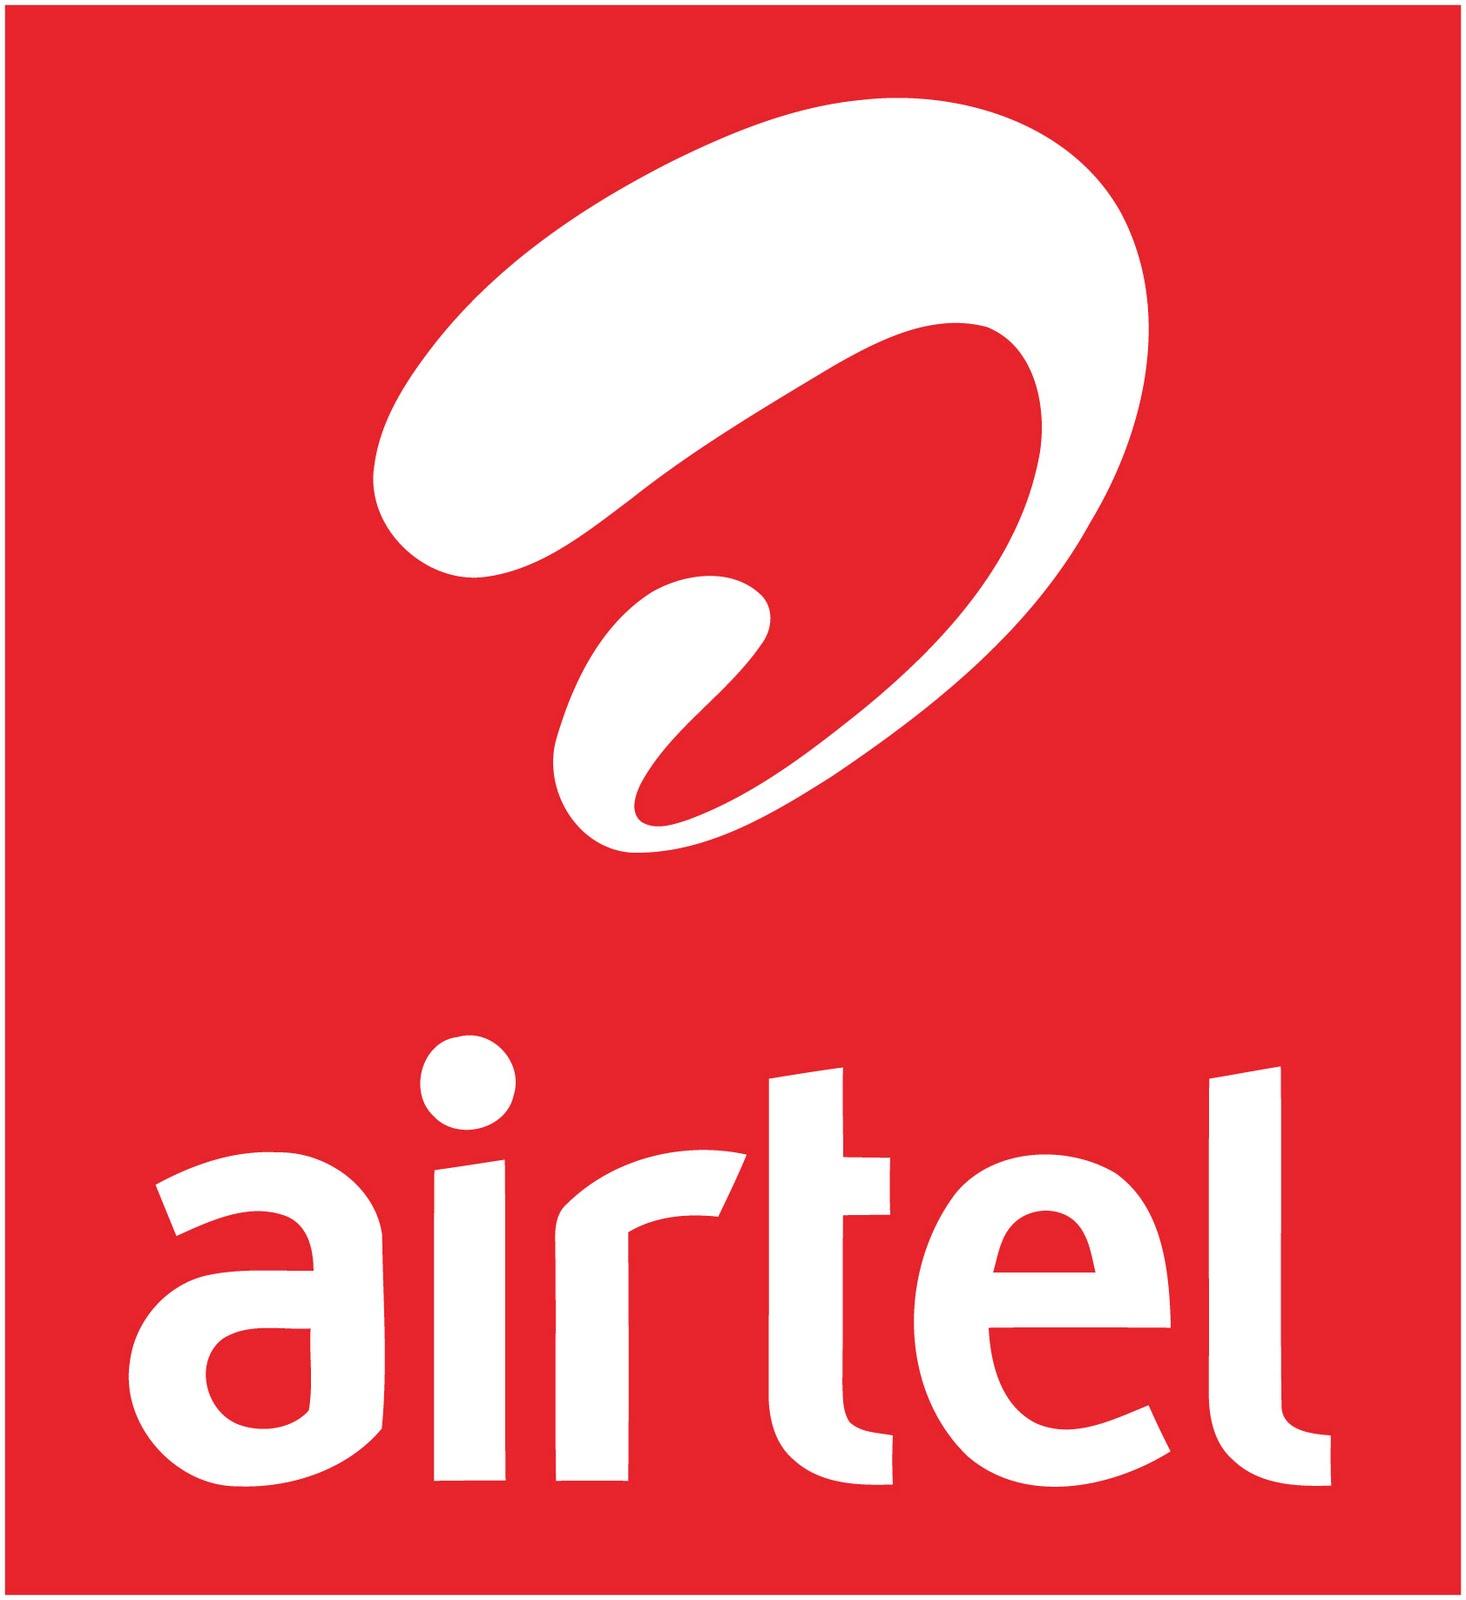 objectives of airtel company